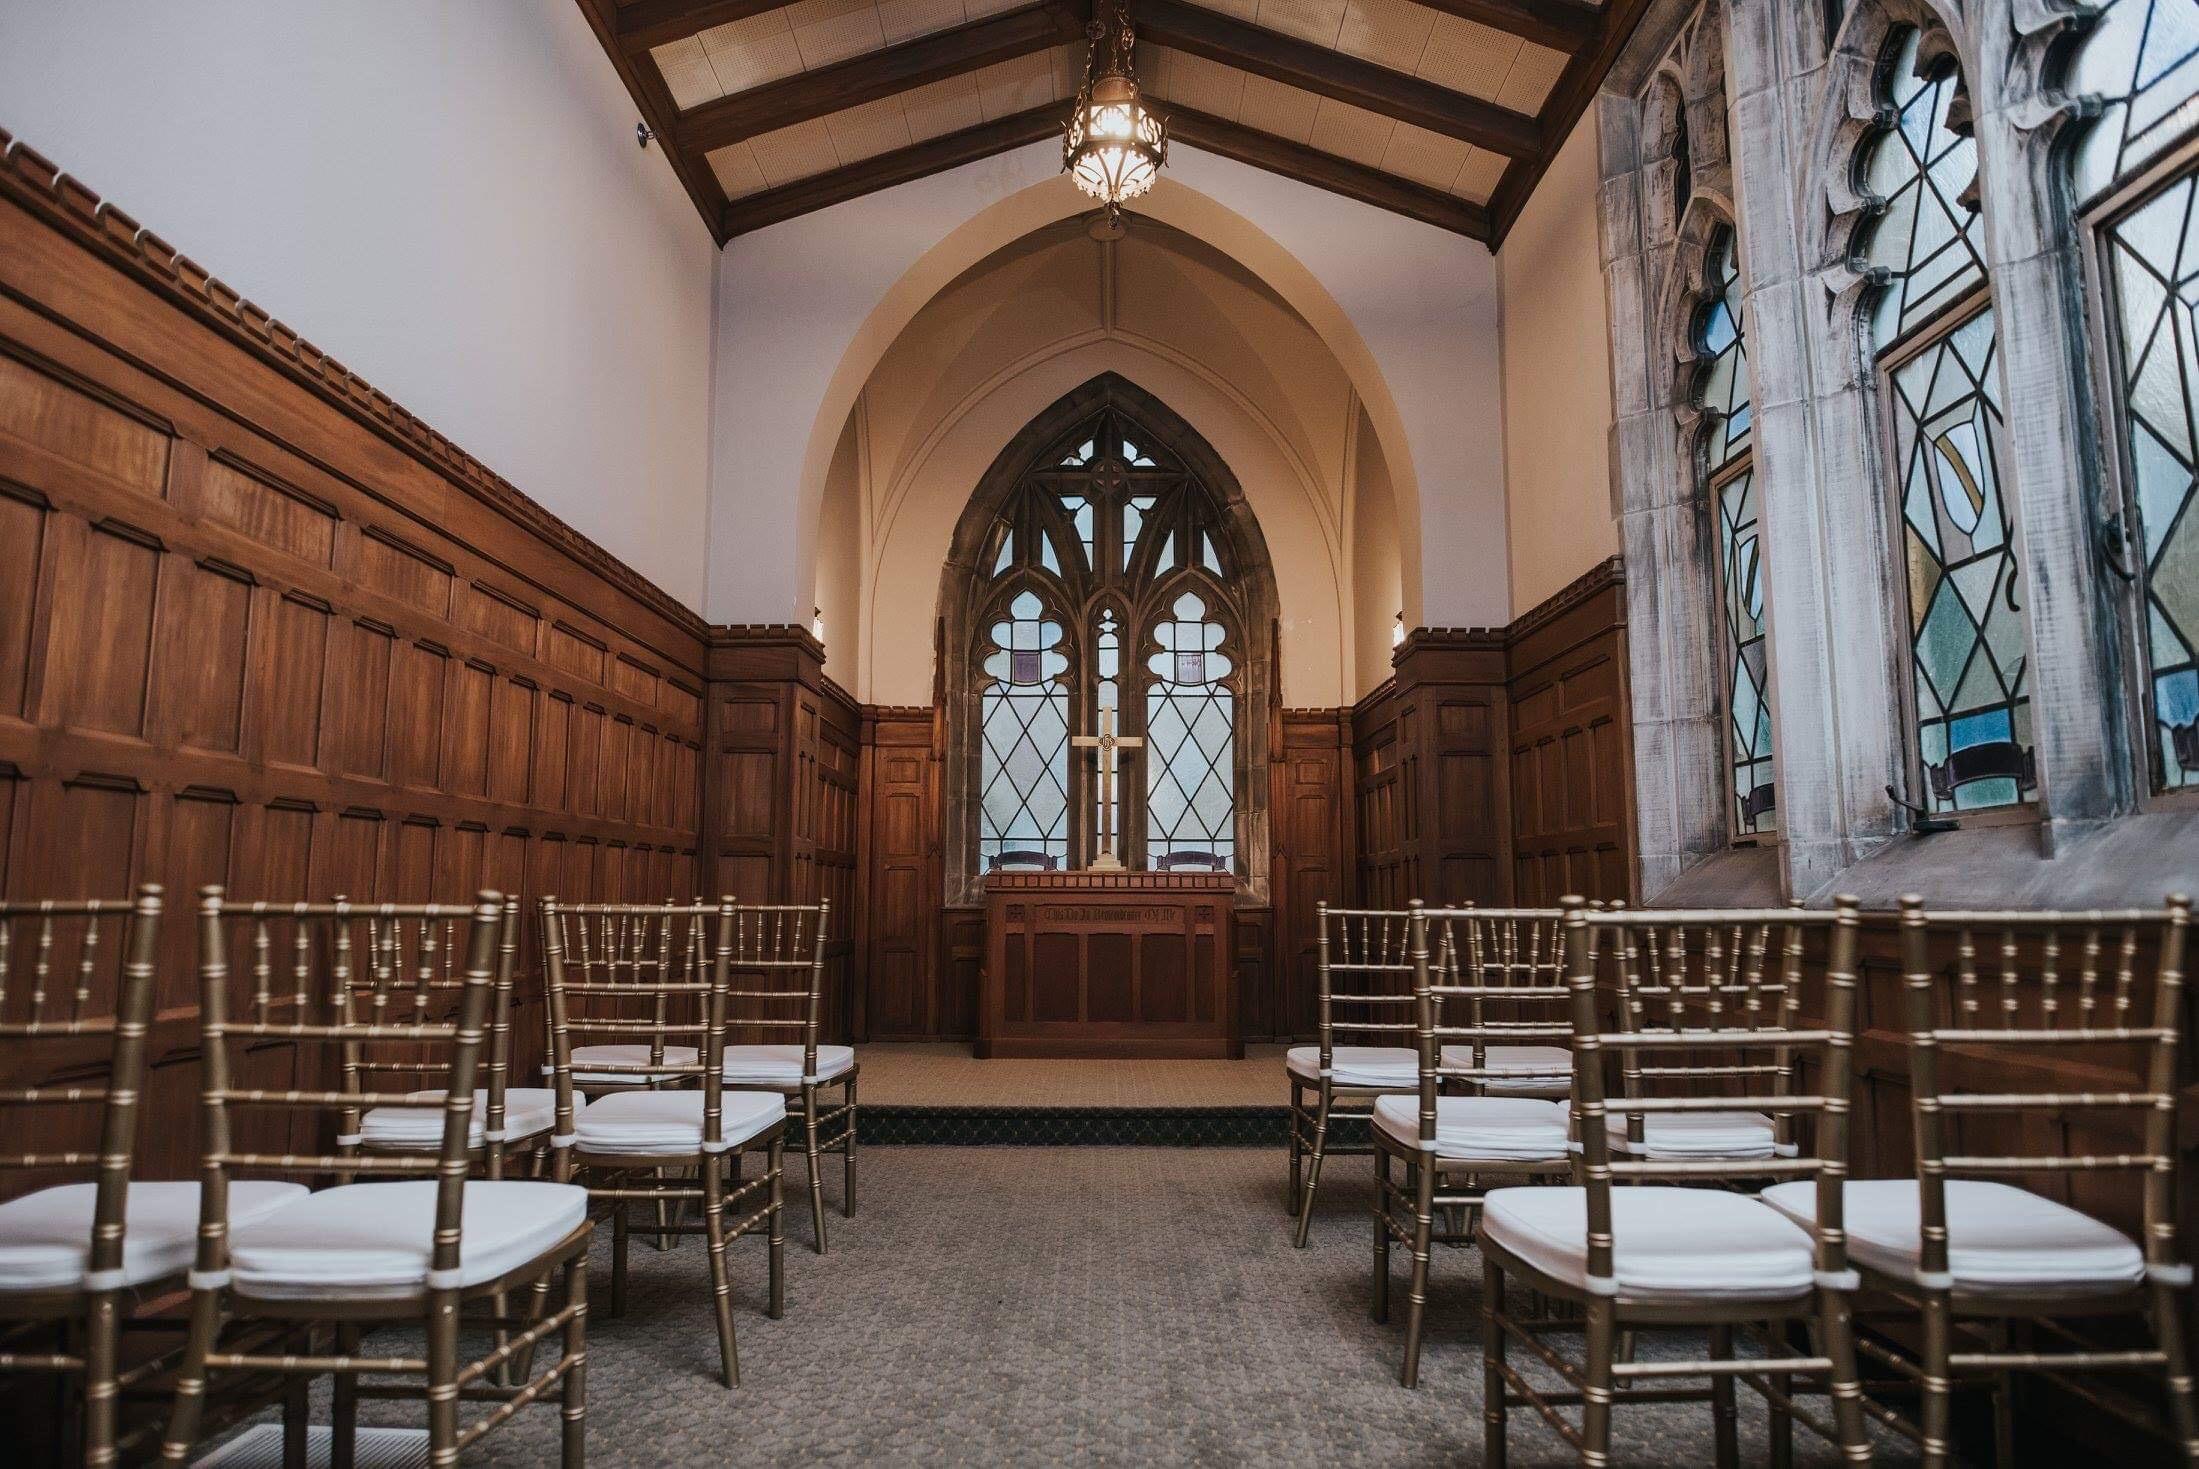 Skinner Chapel